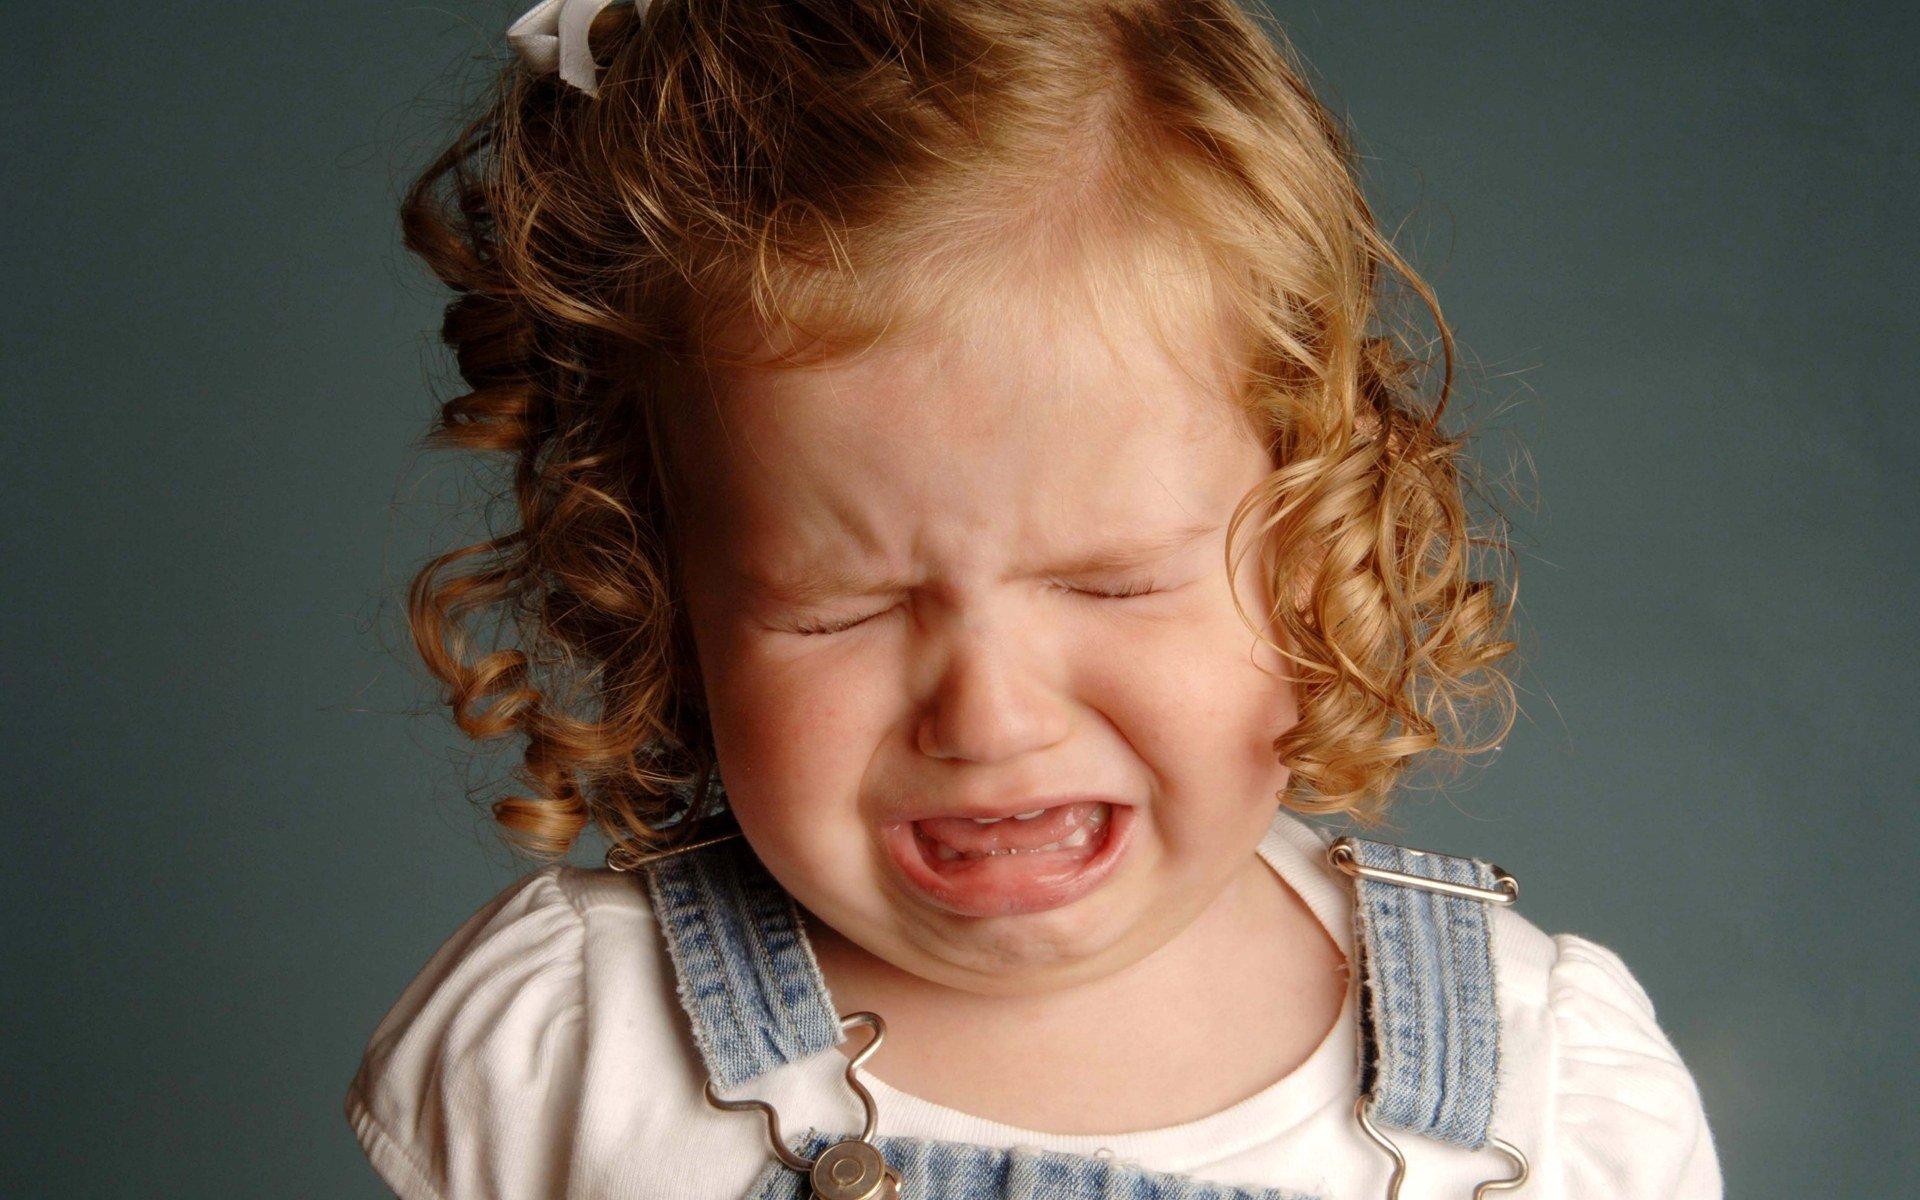 Weinend in Opferrolle! Erwachsende verhalten sich manchmal wie kleine Kinder